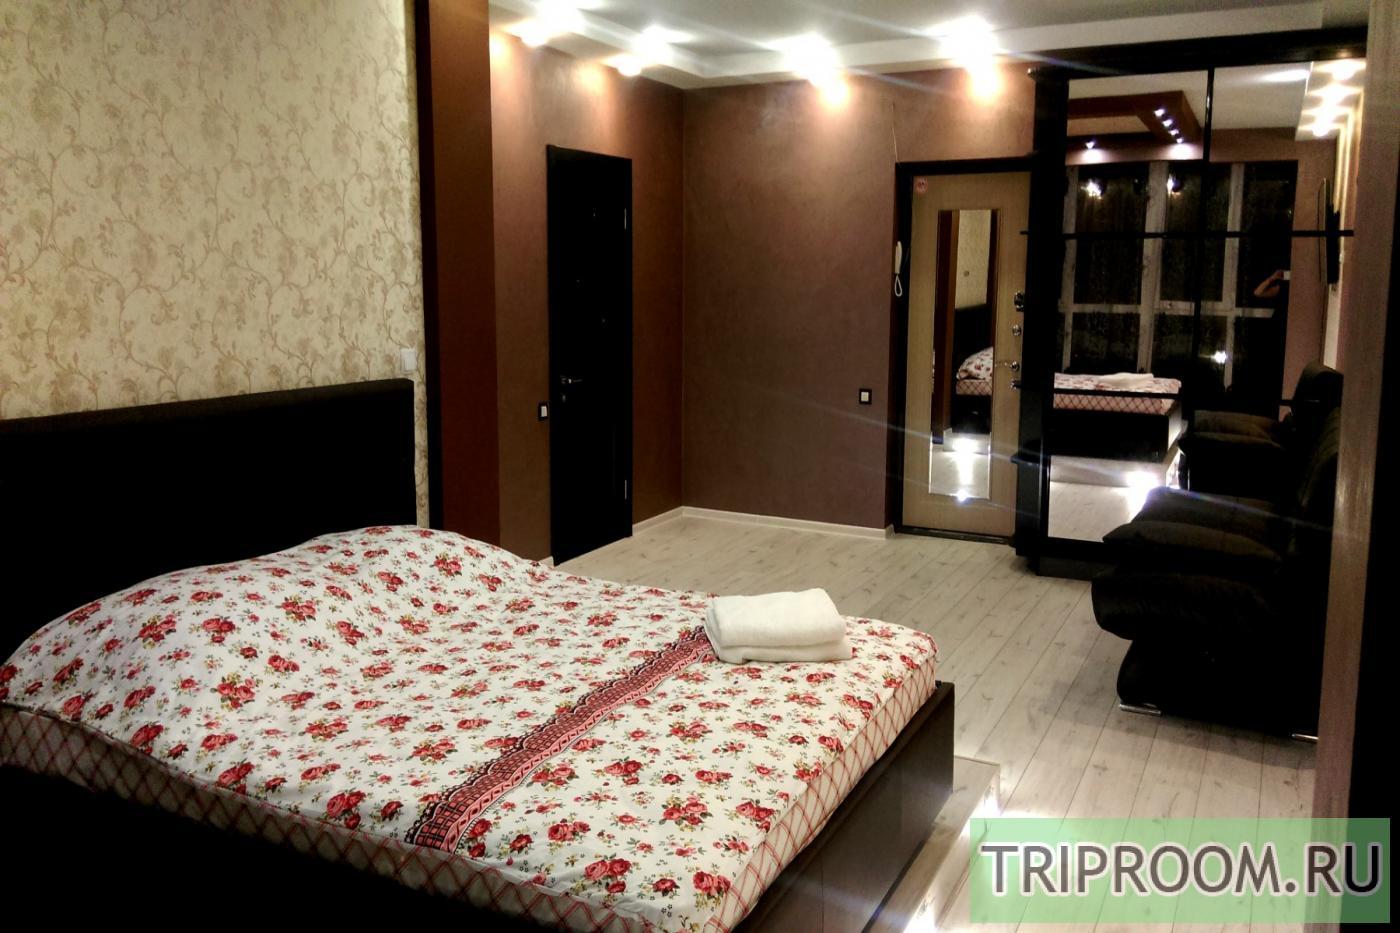 1-комнатная квартира посуточно (вариант № 21966), ул. Аткарская улица, фото № 6